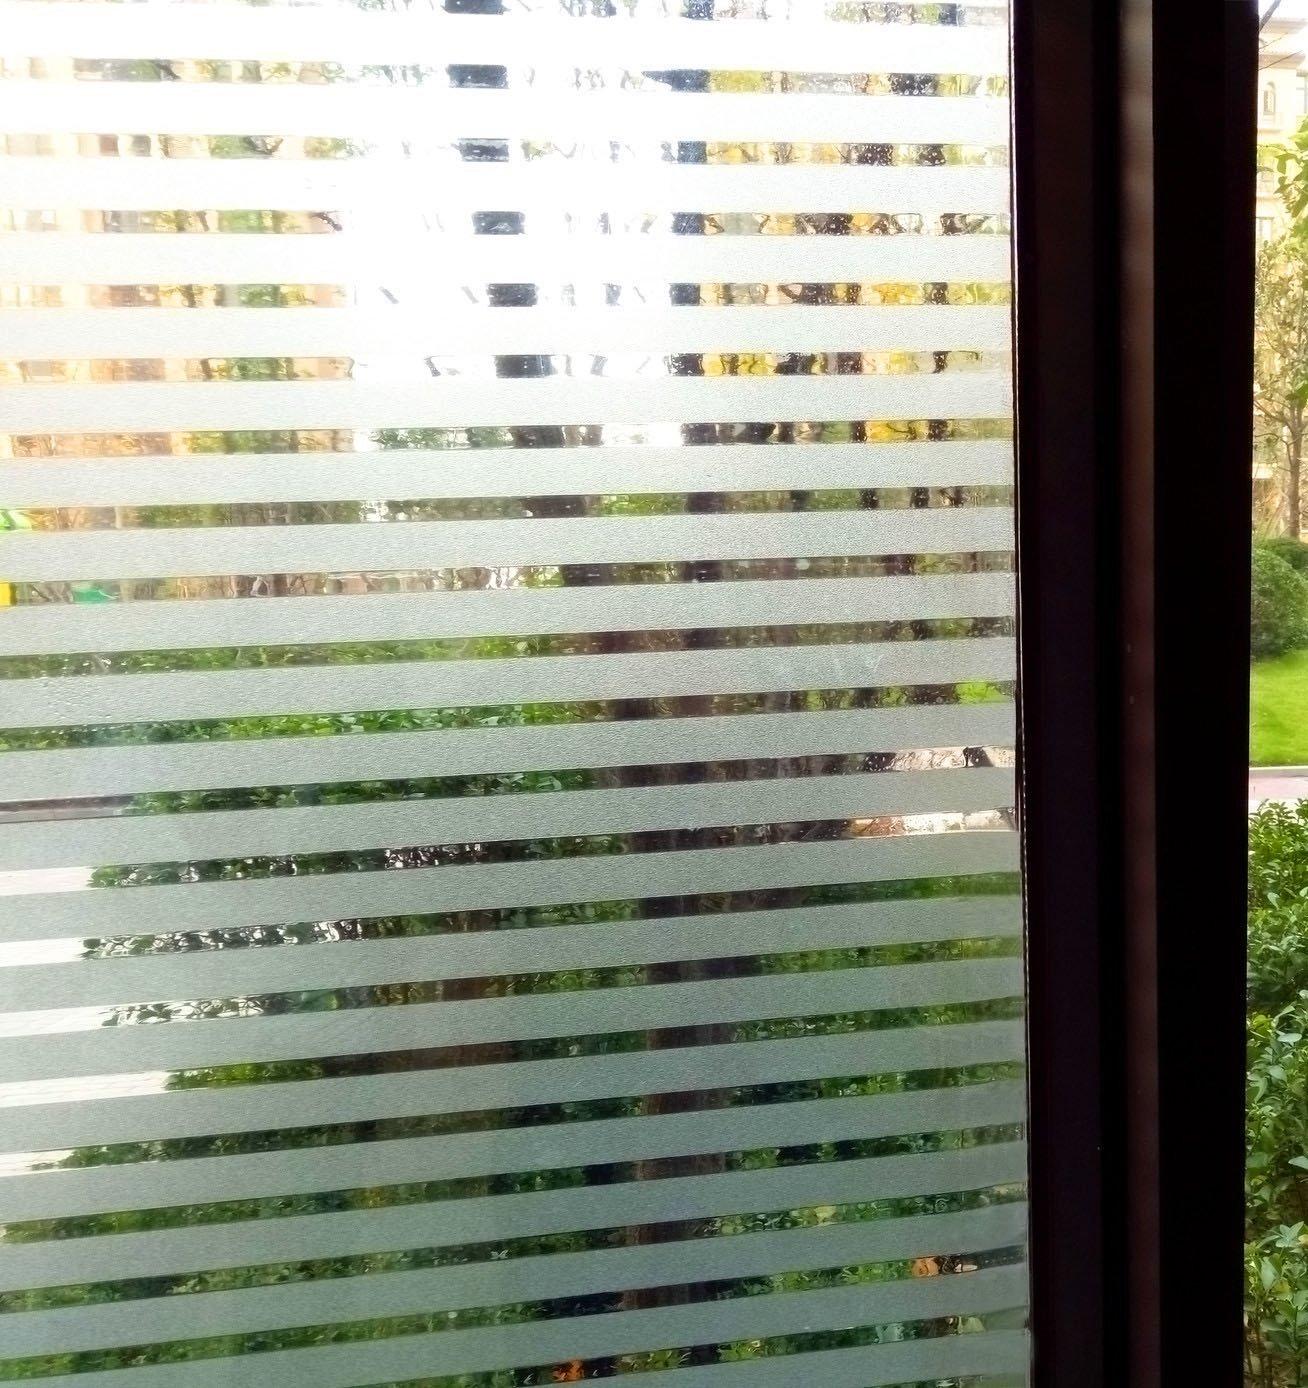 Concus-T Static Cling nessun Adesivo Vinile Premio Decorative Frosted Stripes Privacy Window Film 90x300cm